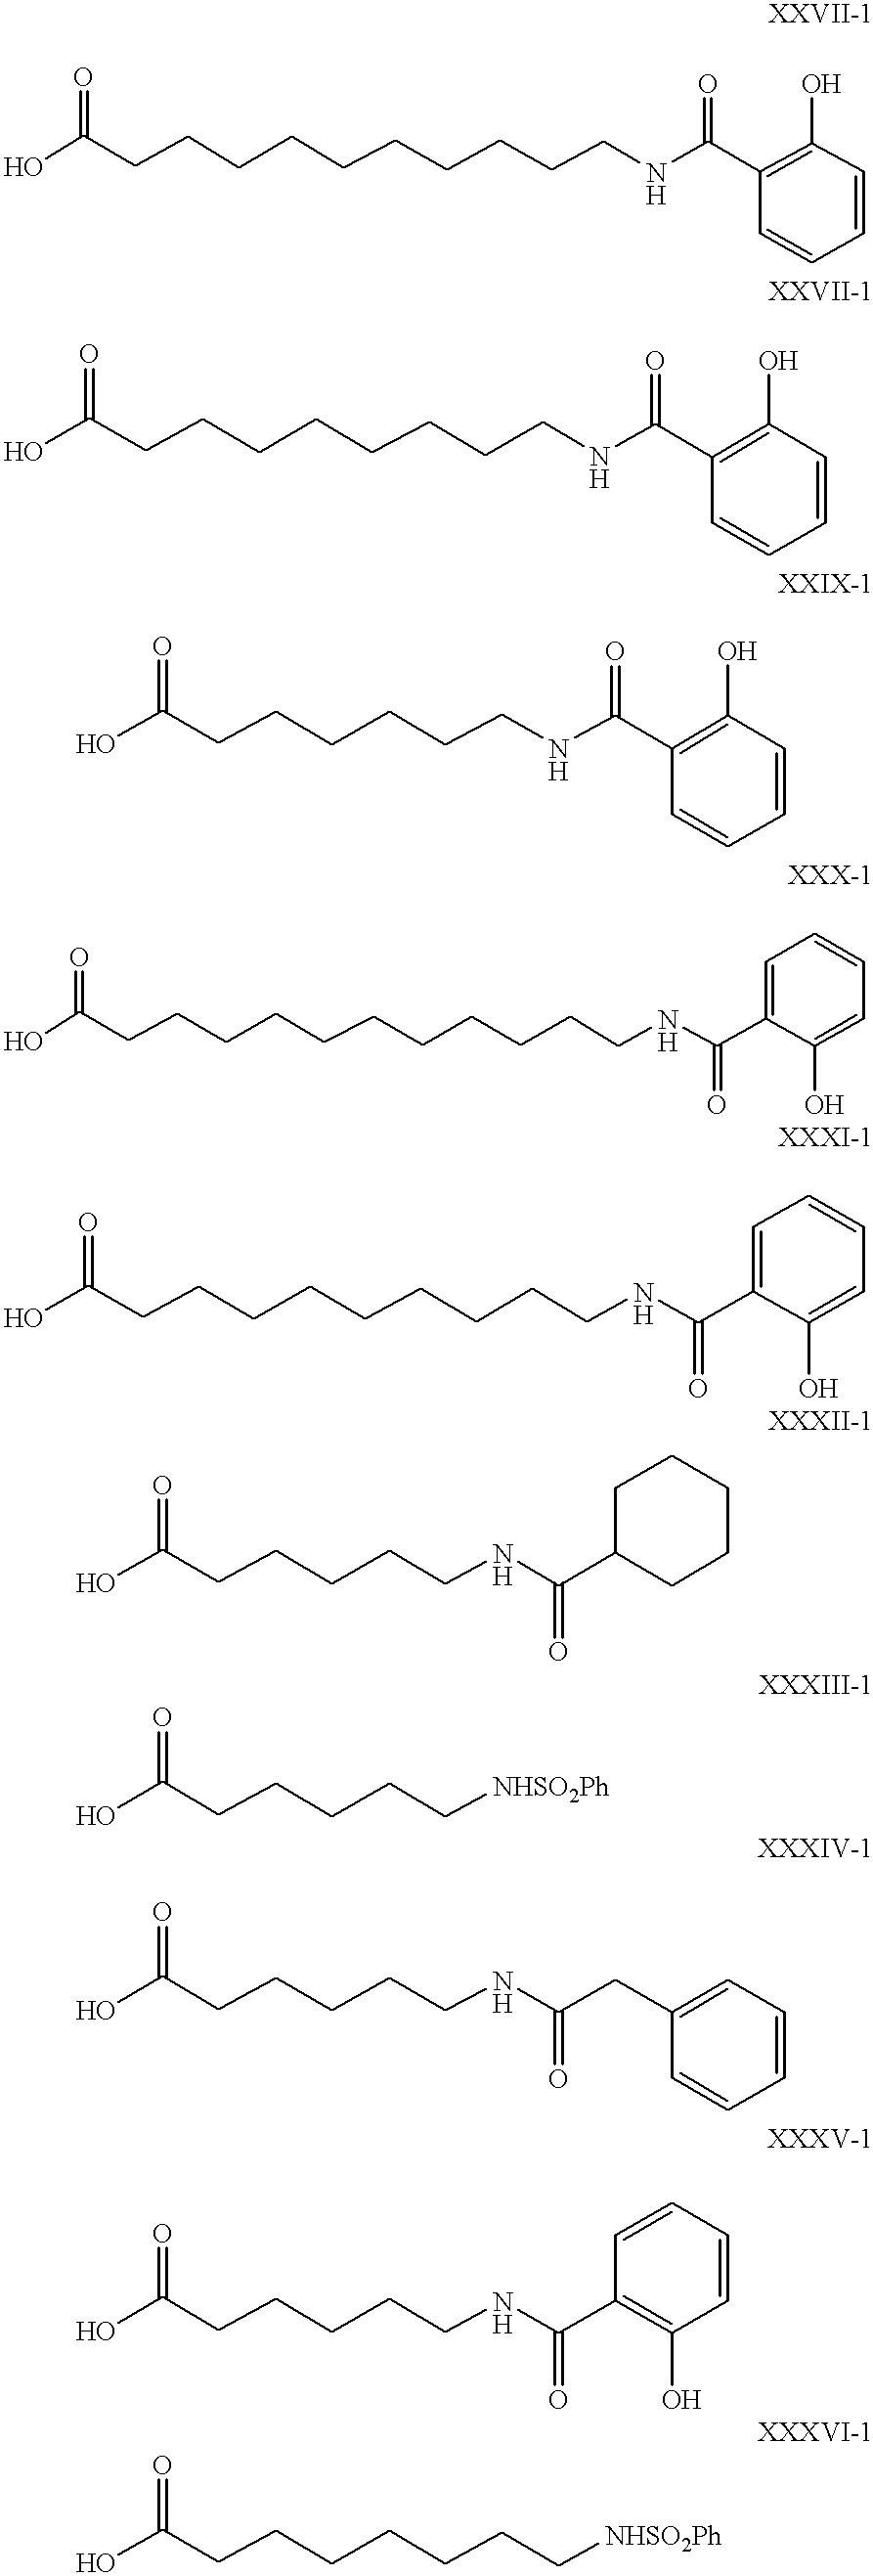 Figure US06221367-20010424-C00016